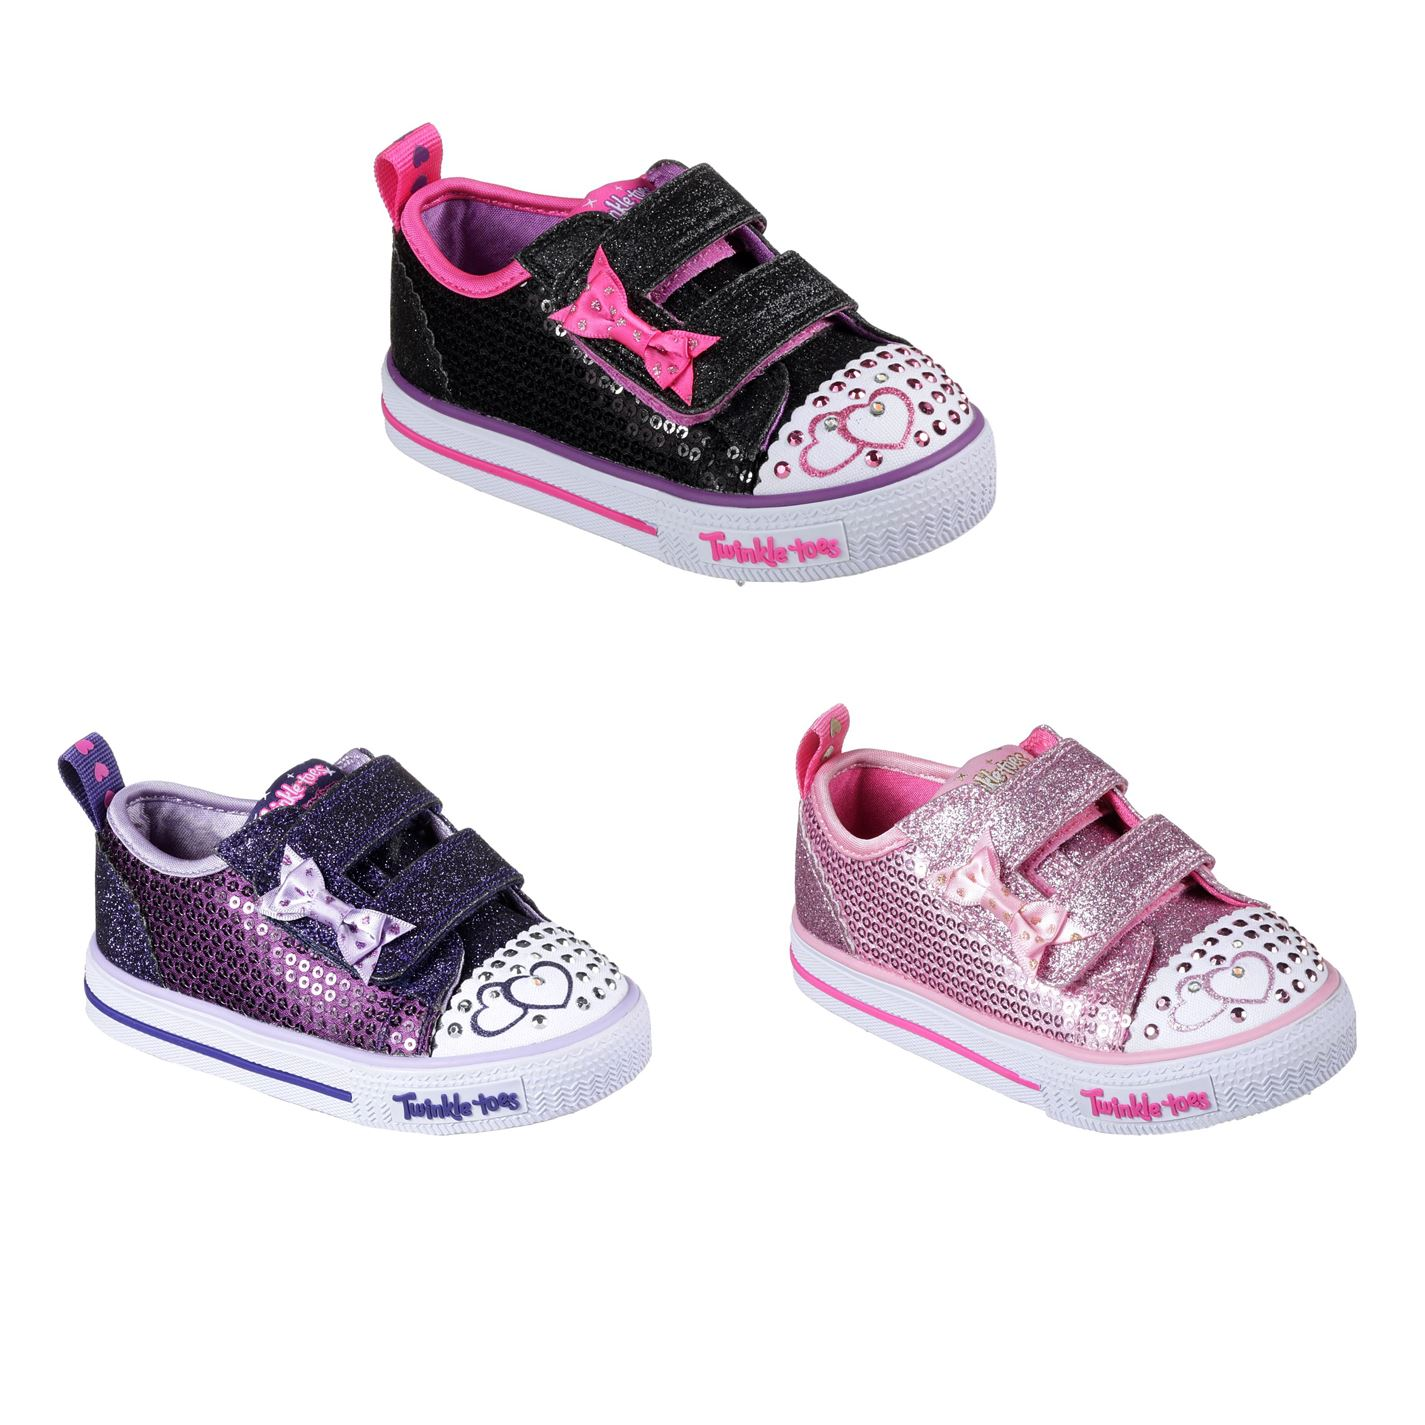 Detalles de Skechers Twinkle Toes Itsy Bitsy Zapatos Entrenadores Calzado Infantil Niñas ver título original